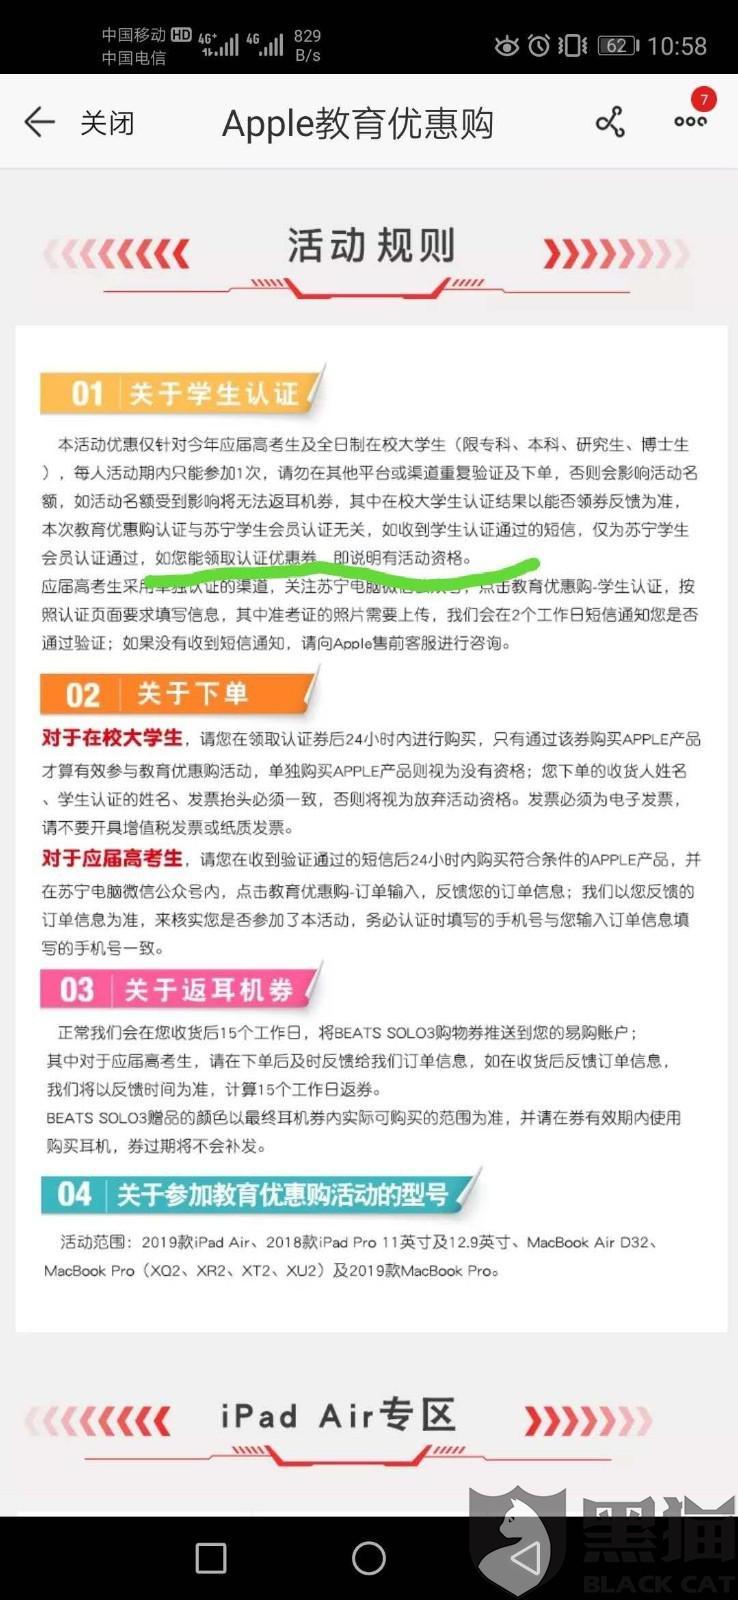 黑猫投诉:苏宁易购虚假宣传,违反广告法和消费者保障法